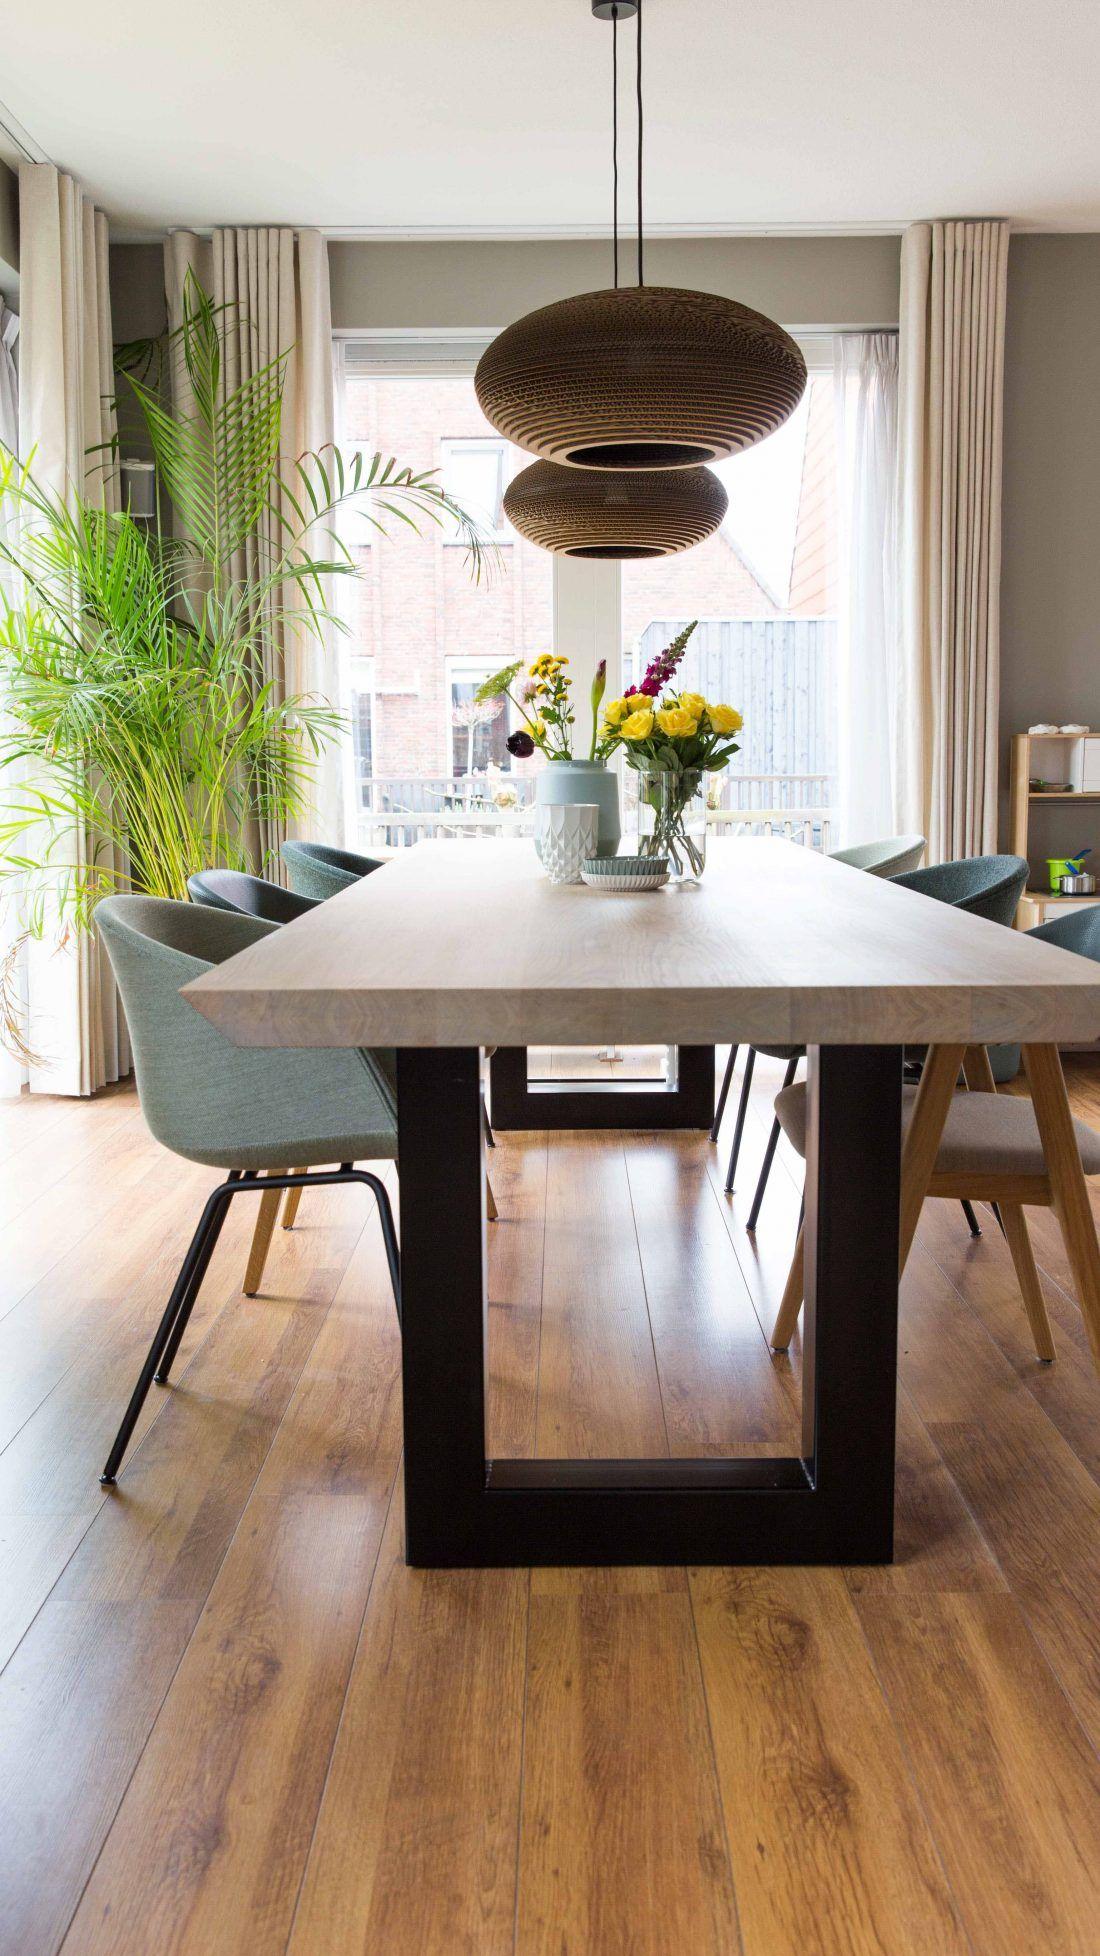 Gordijnen | Timmermans Indoor Design | Gordijnen inspiratie ...